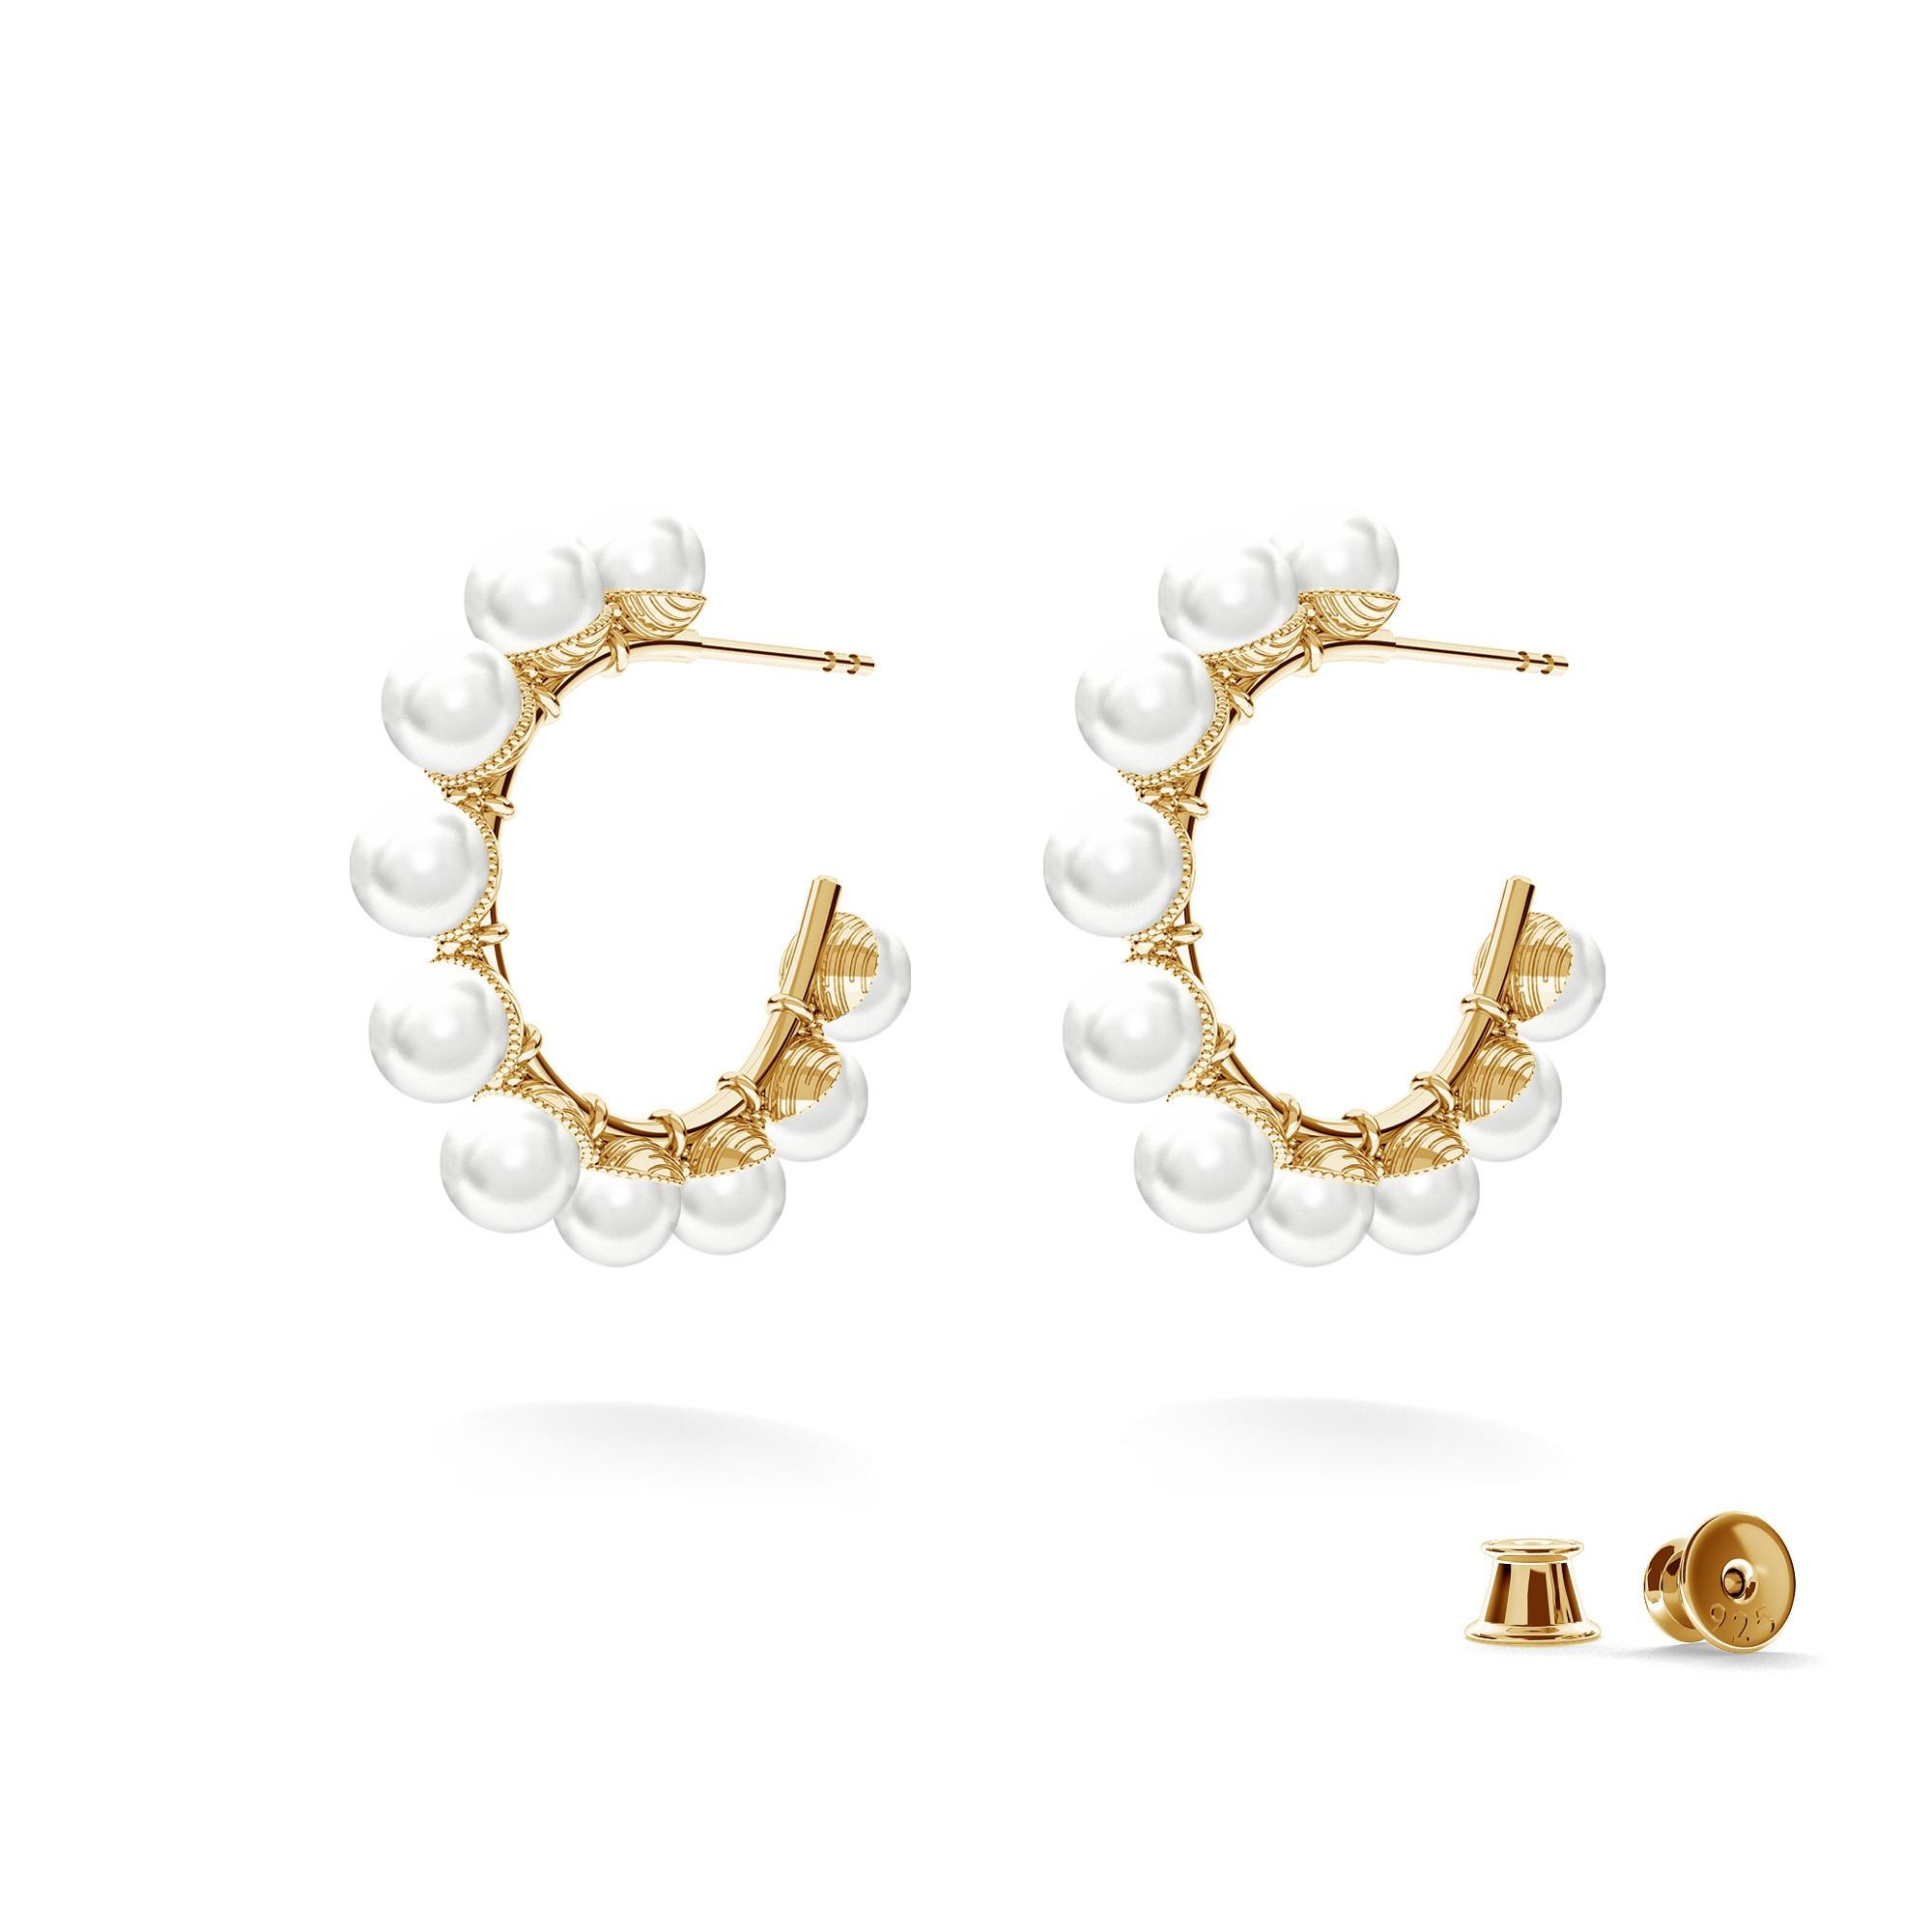 Pendientes de plata 925 con perlas, MON DÉFI